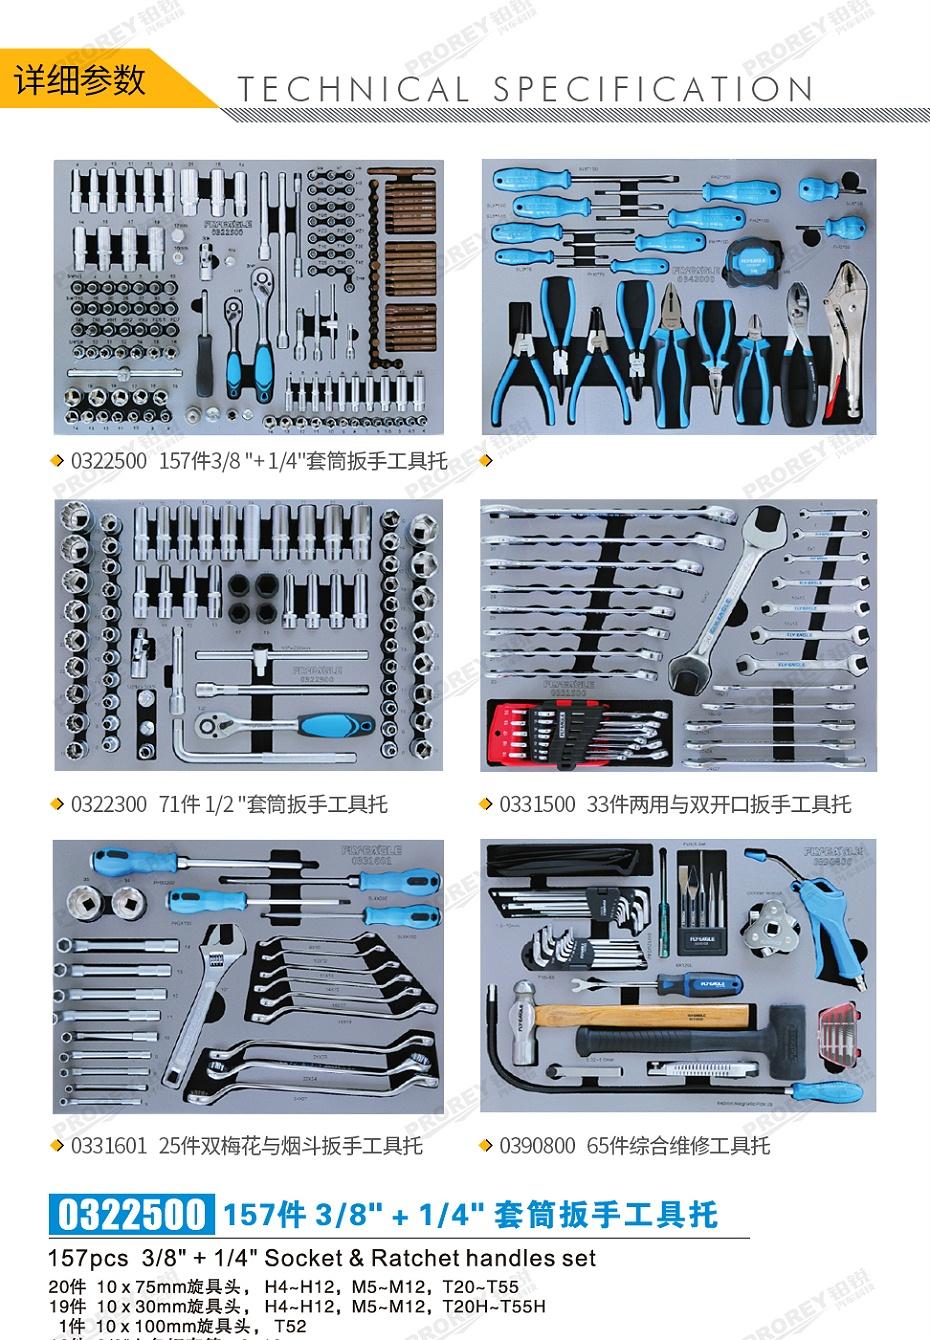 GW-130990090-飞鹰 0113700 371件-专业机修工具组合方案-2